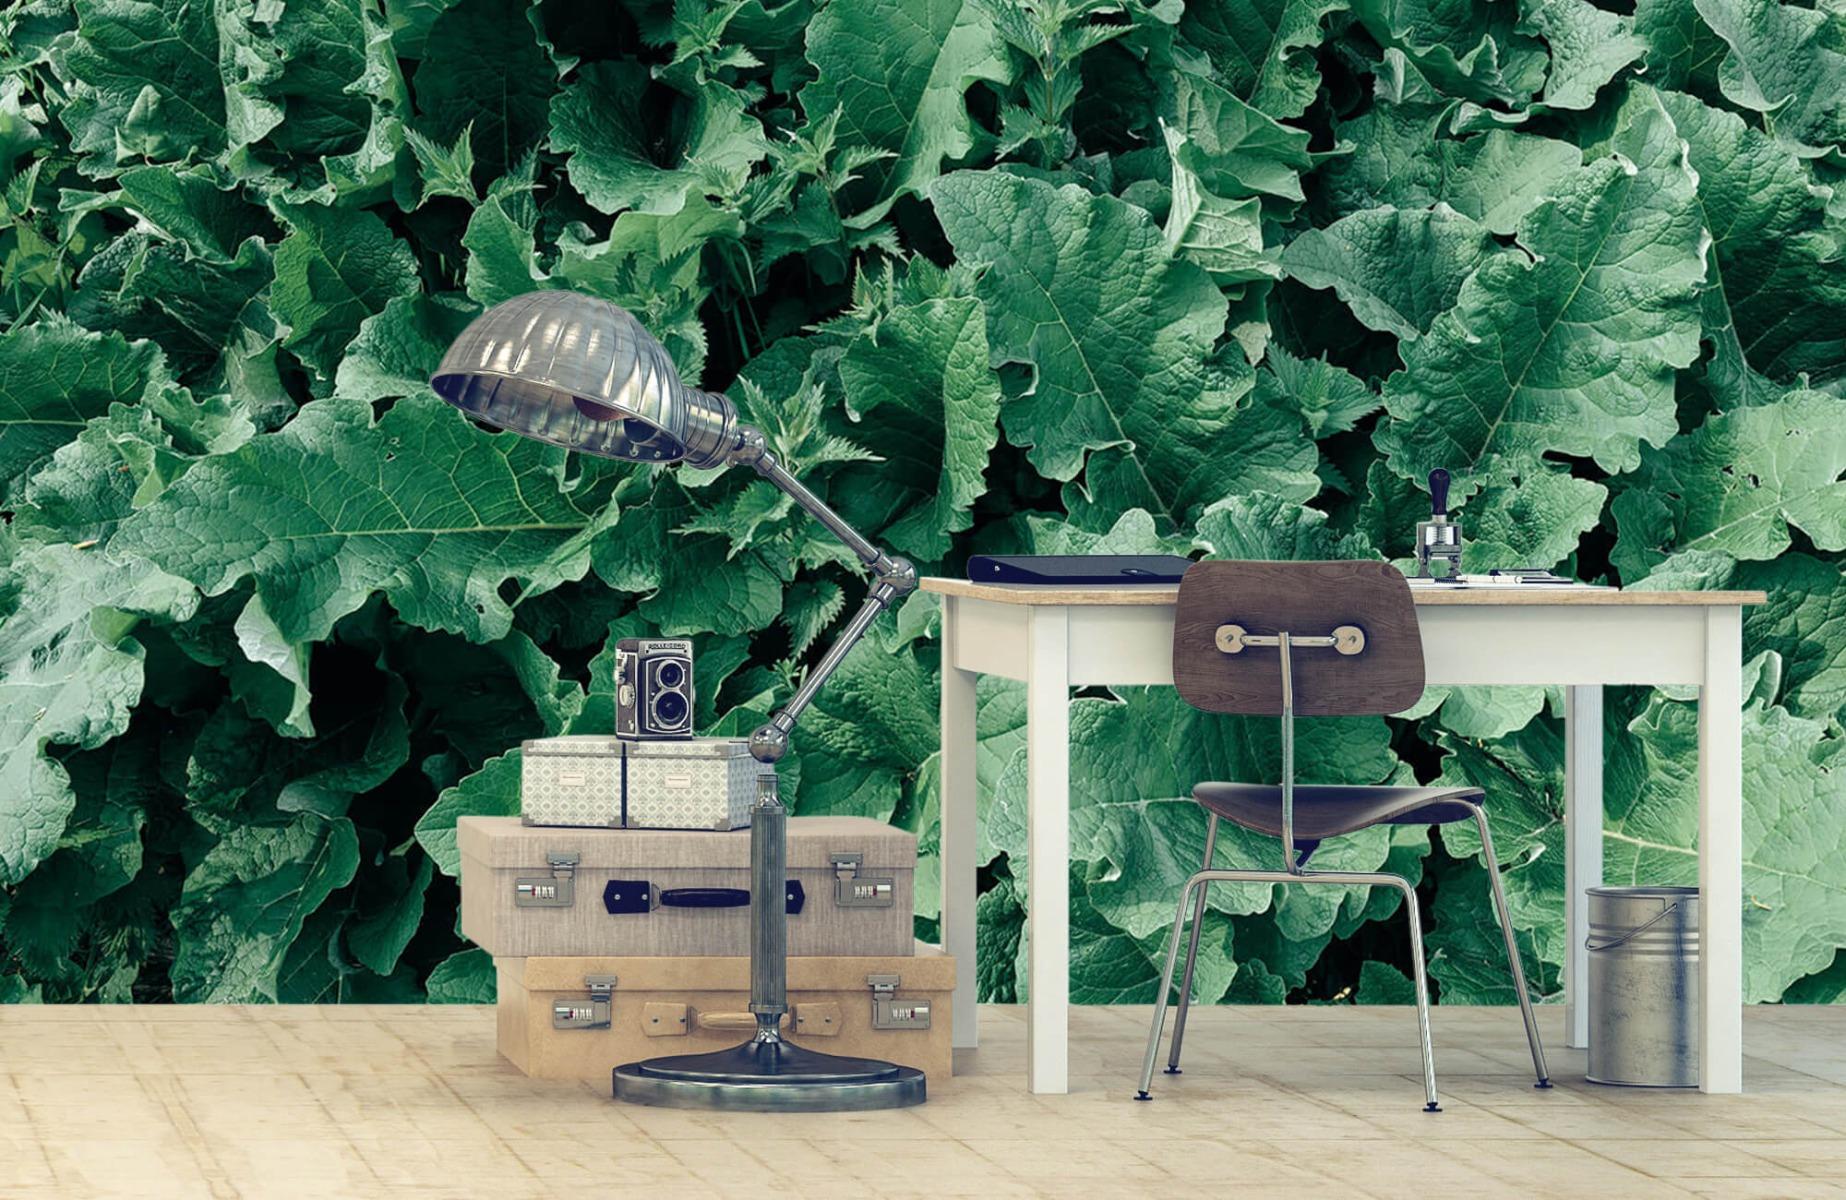 Bladeren - Gedetailleerd groen bladerdek - Wallexclusive - Slaapkamer 9